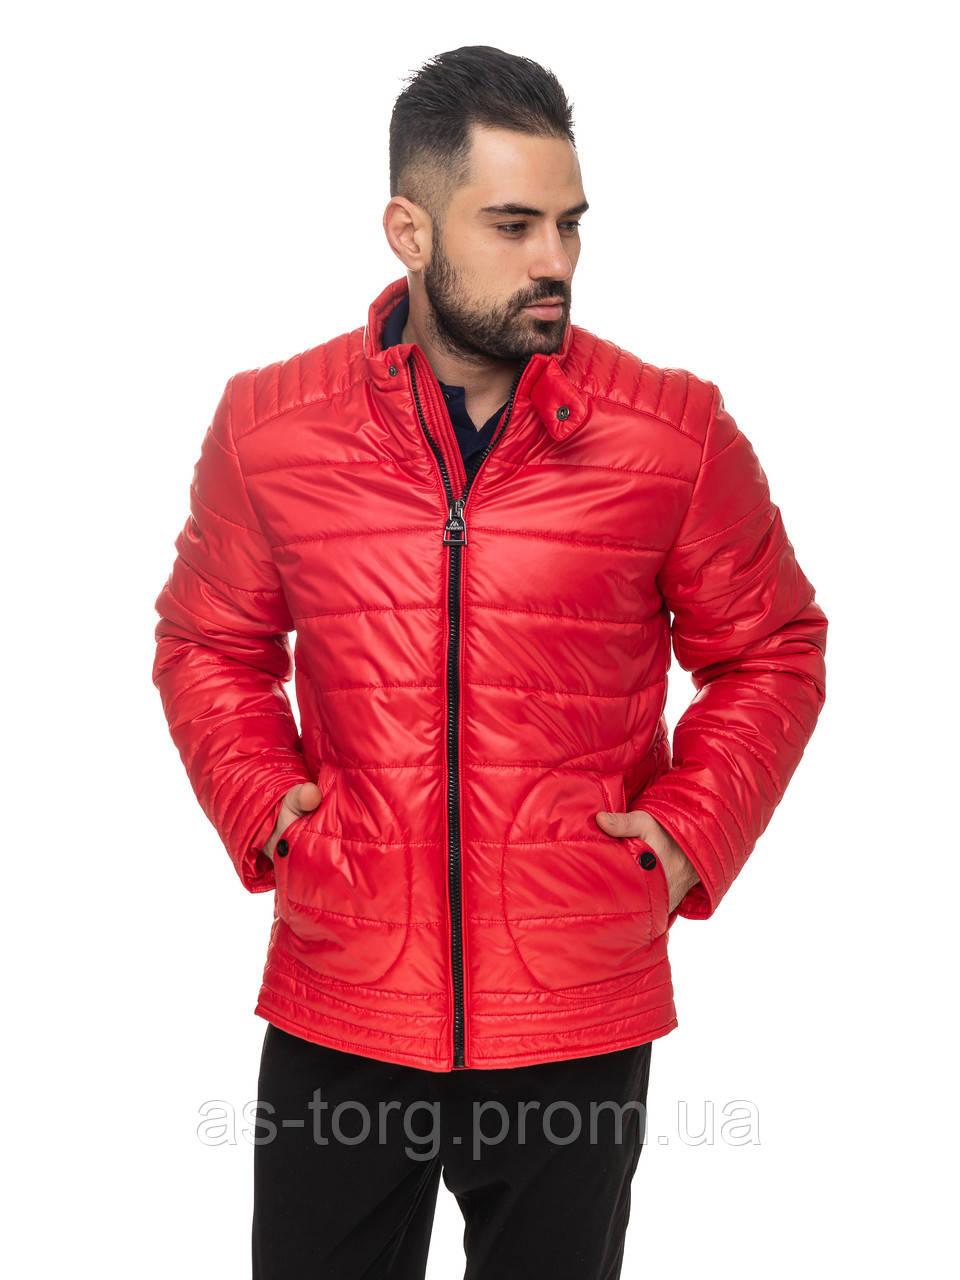 Удлиненная куртка Мирон Красный Размер